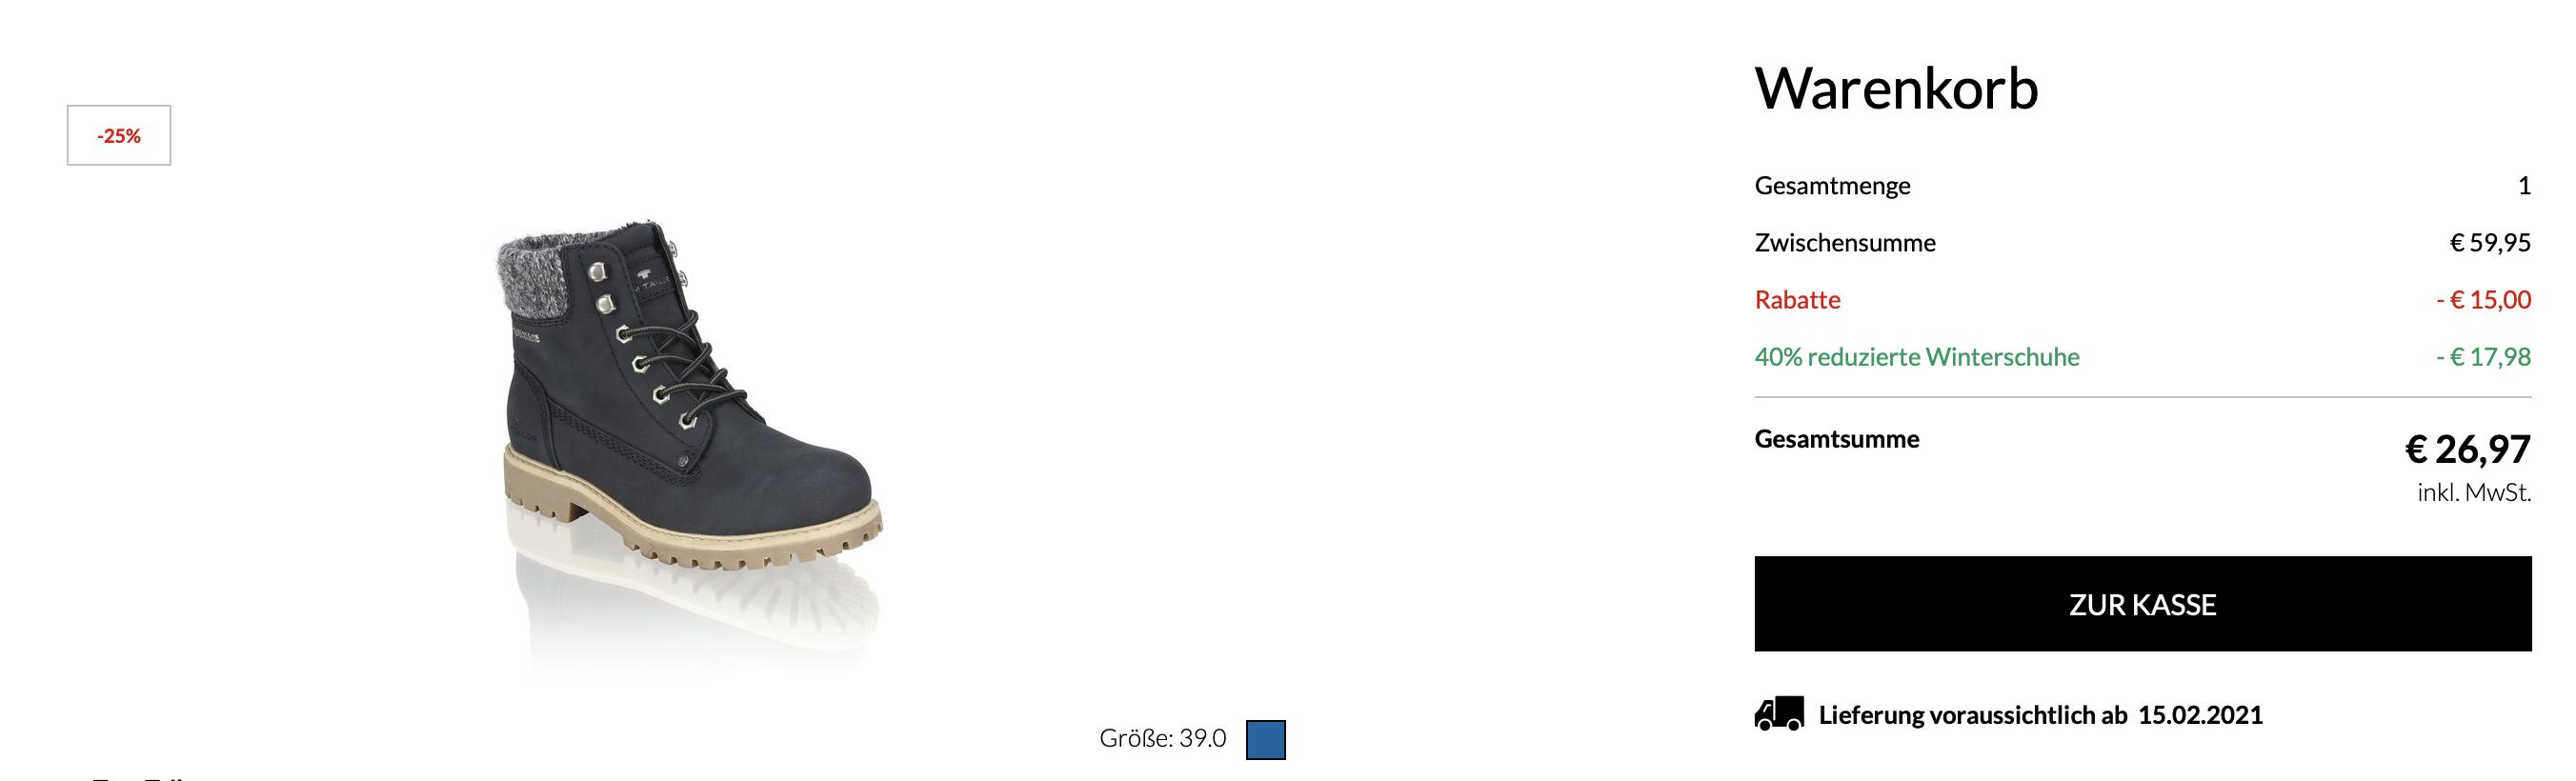 246931-M2aDX.jpg